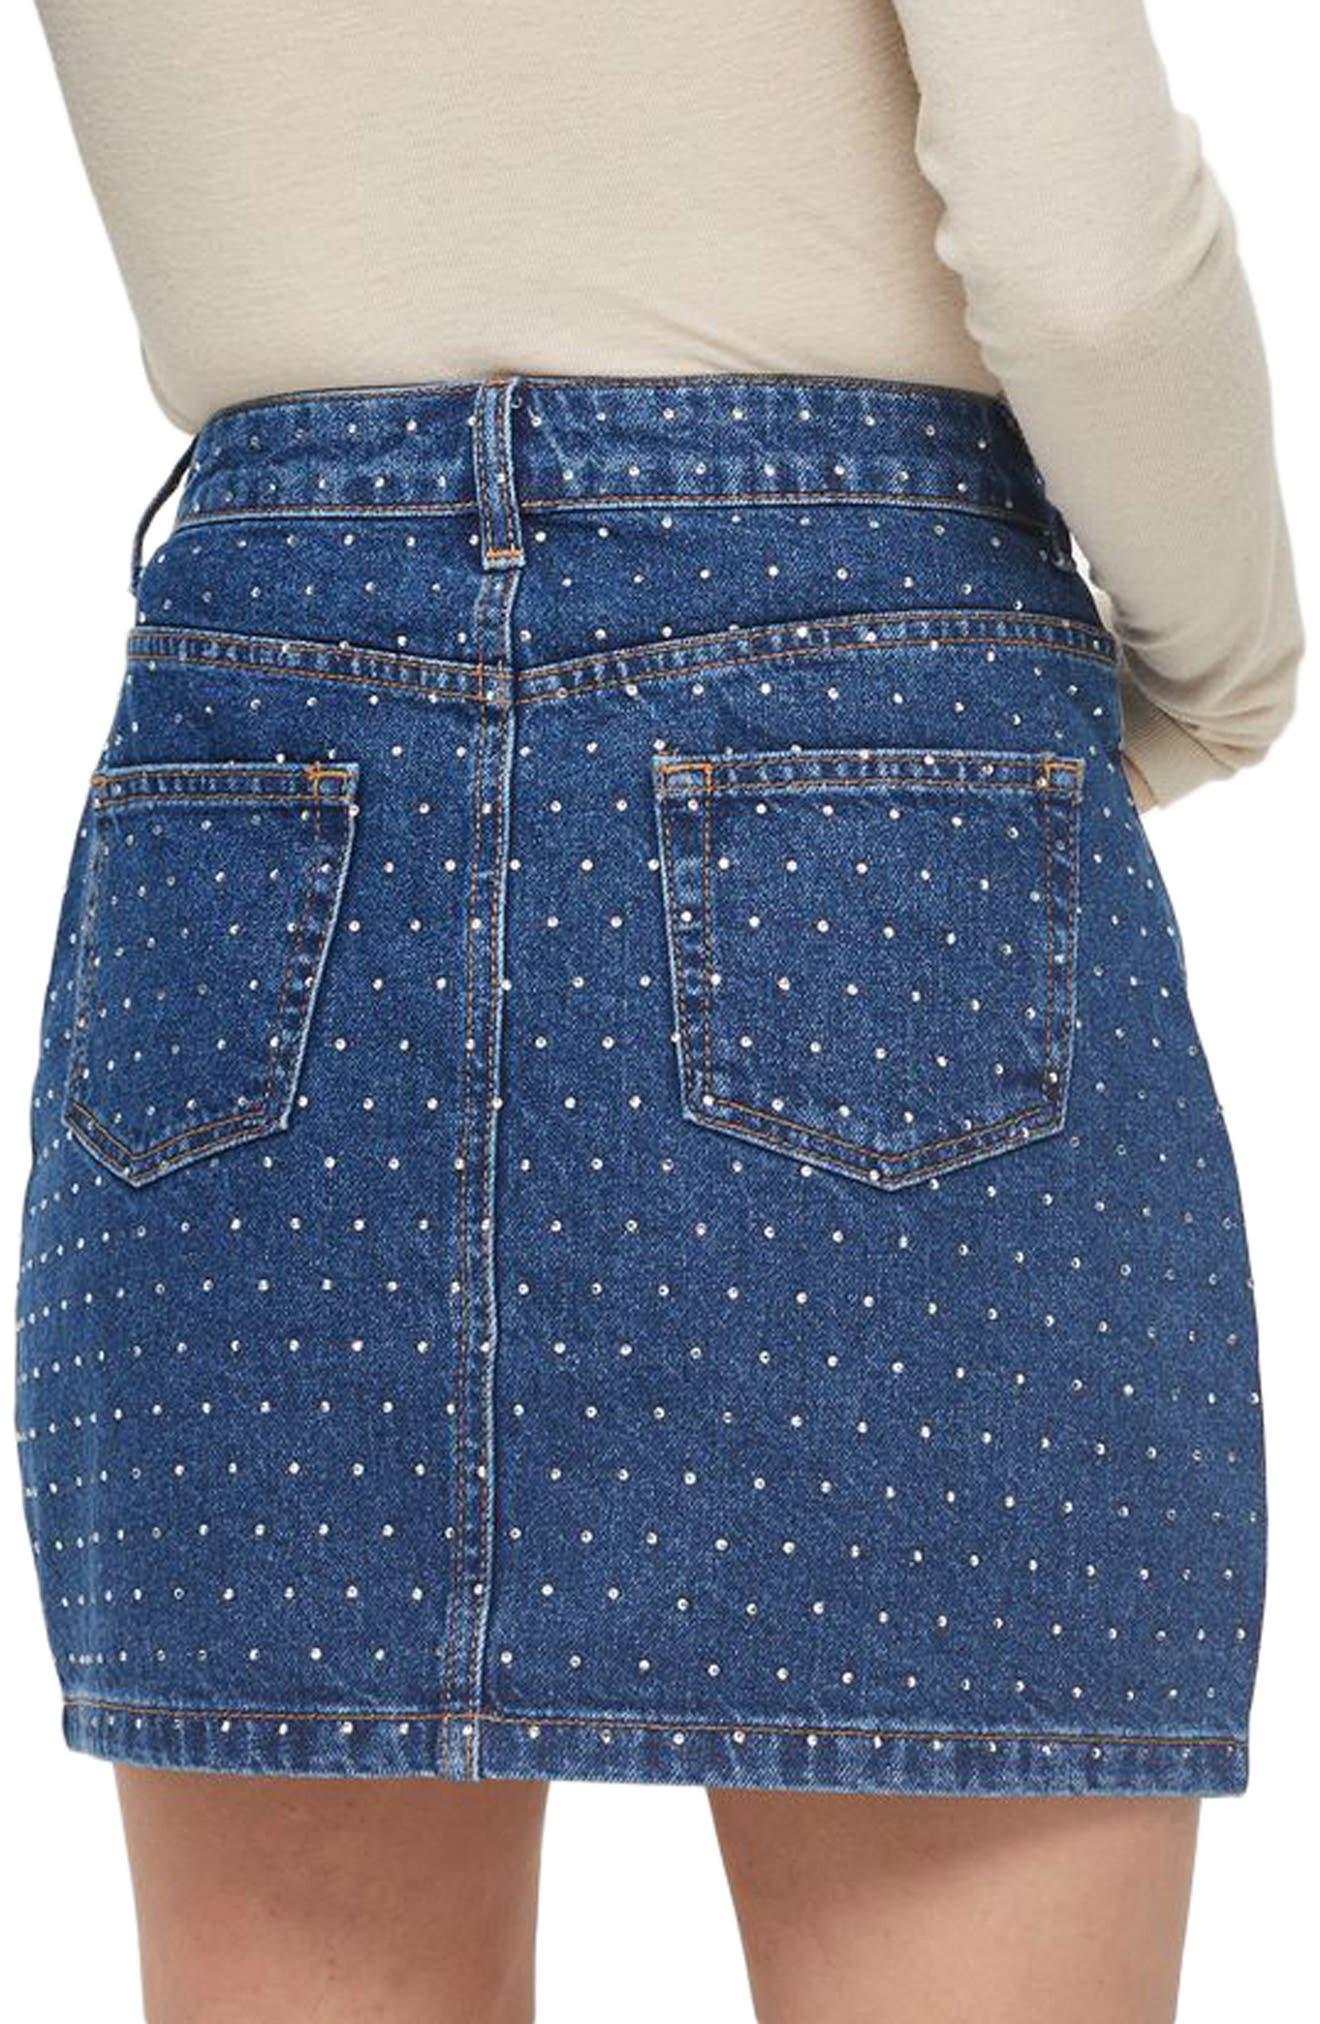 Crystal Studded Denim Miniskirt,                             Alternate thumbnail 2, color,                             400